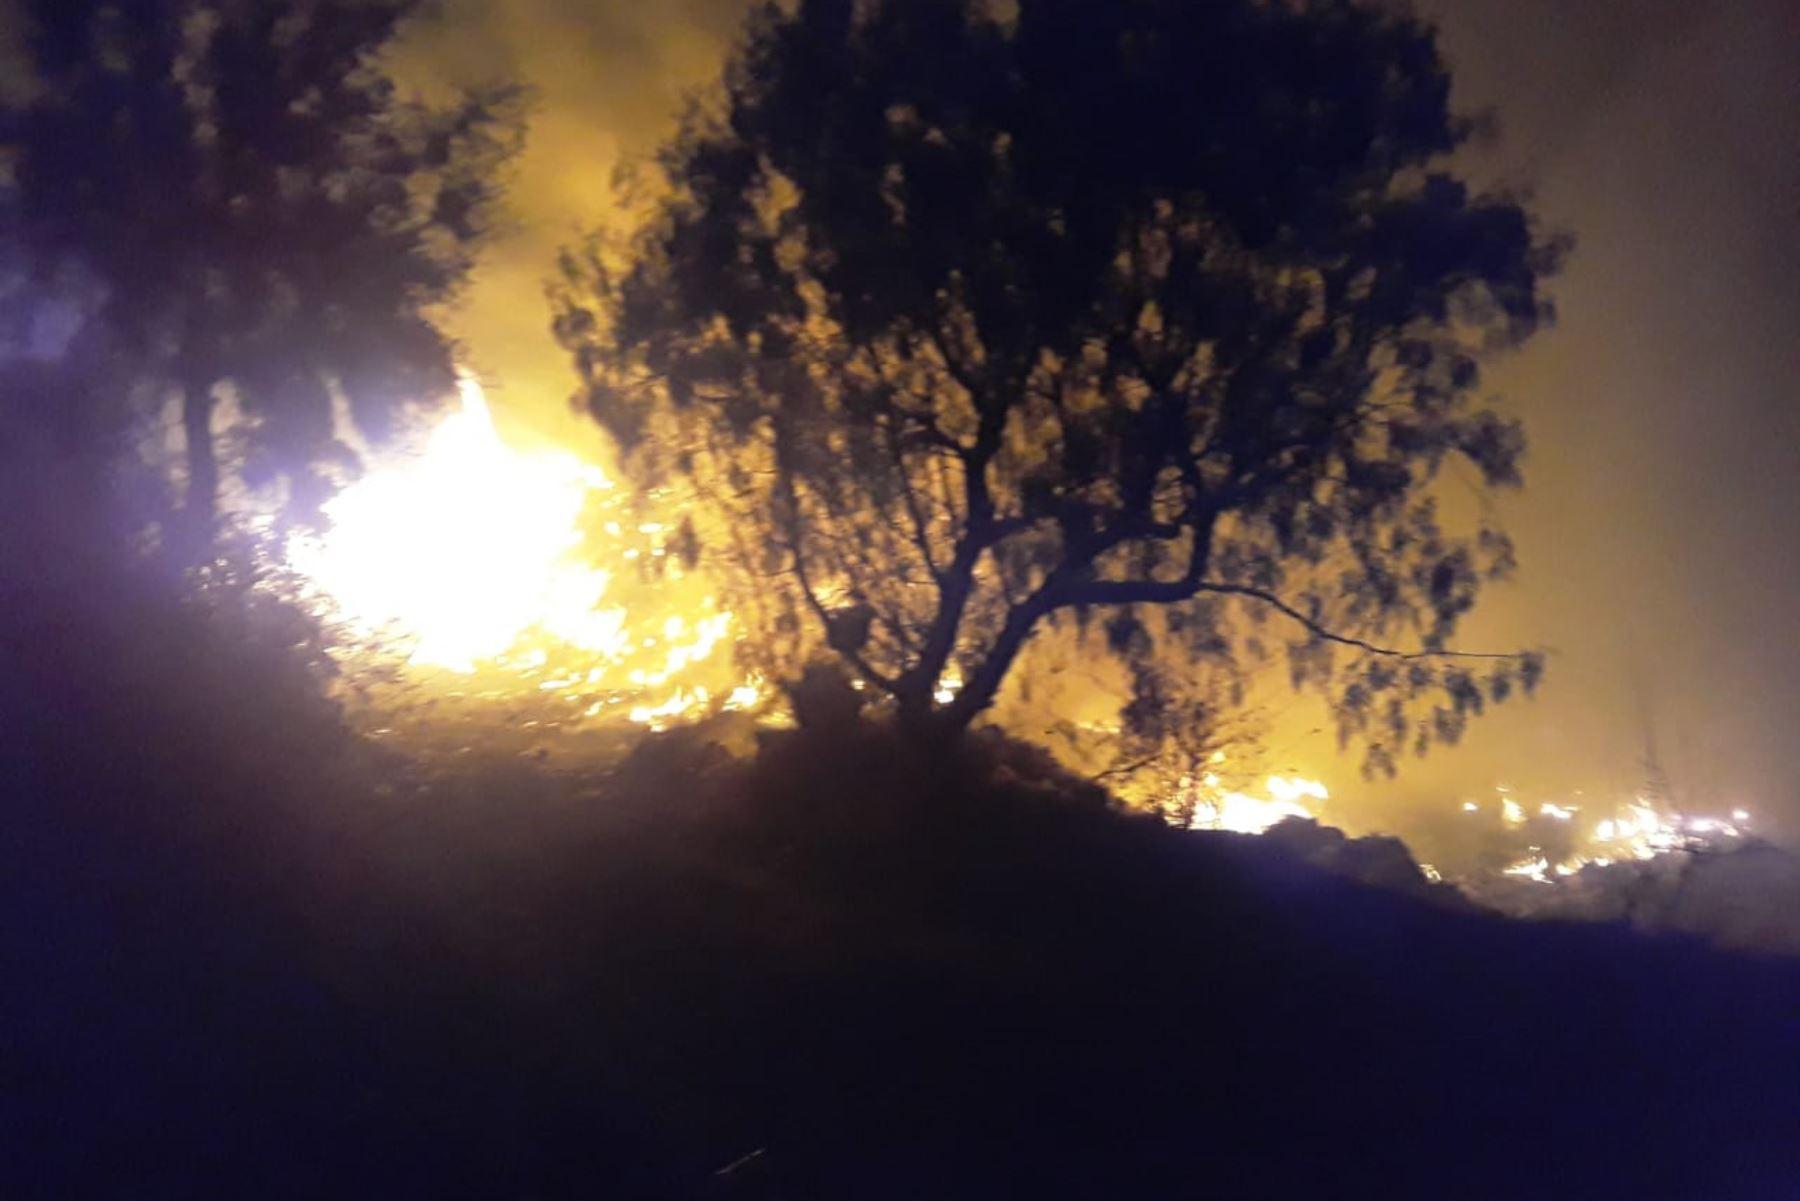 El incendio forestal de proporciones registrado muy cerca del Parque Nacional Huascarán (Áncash) afectó una hectárea de pastizales.